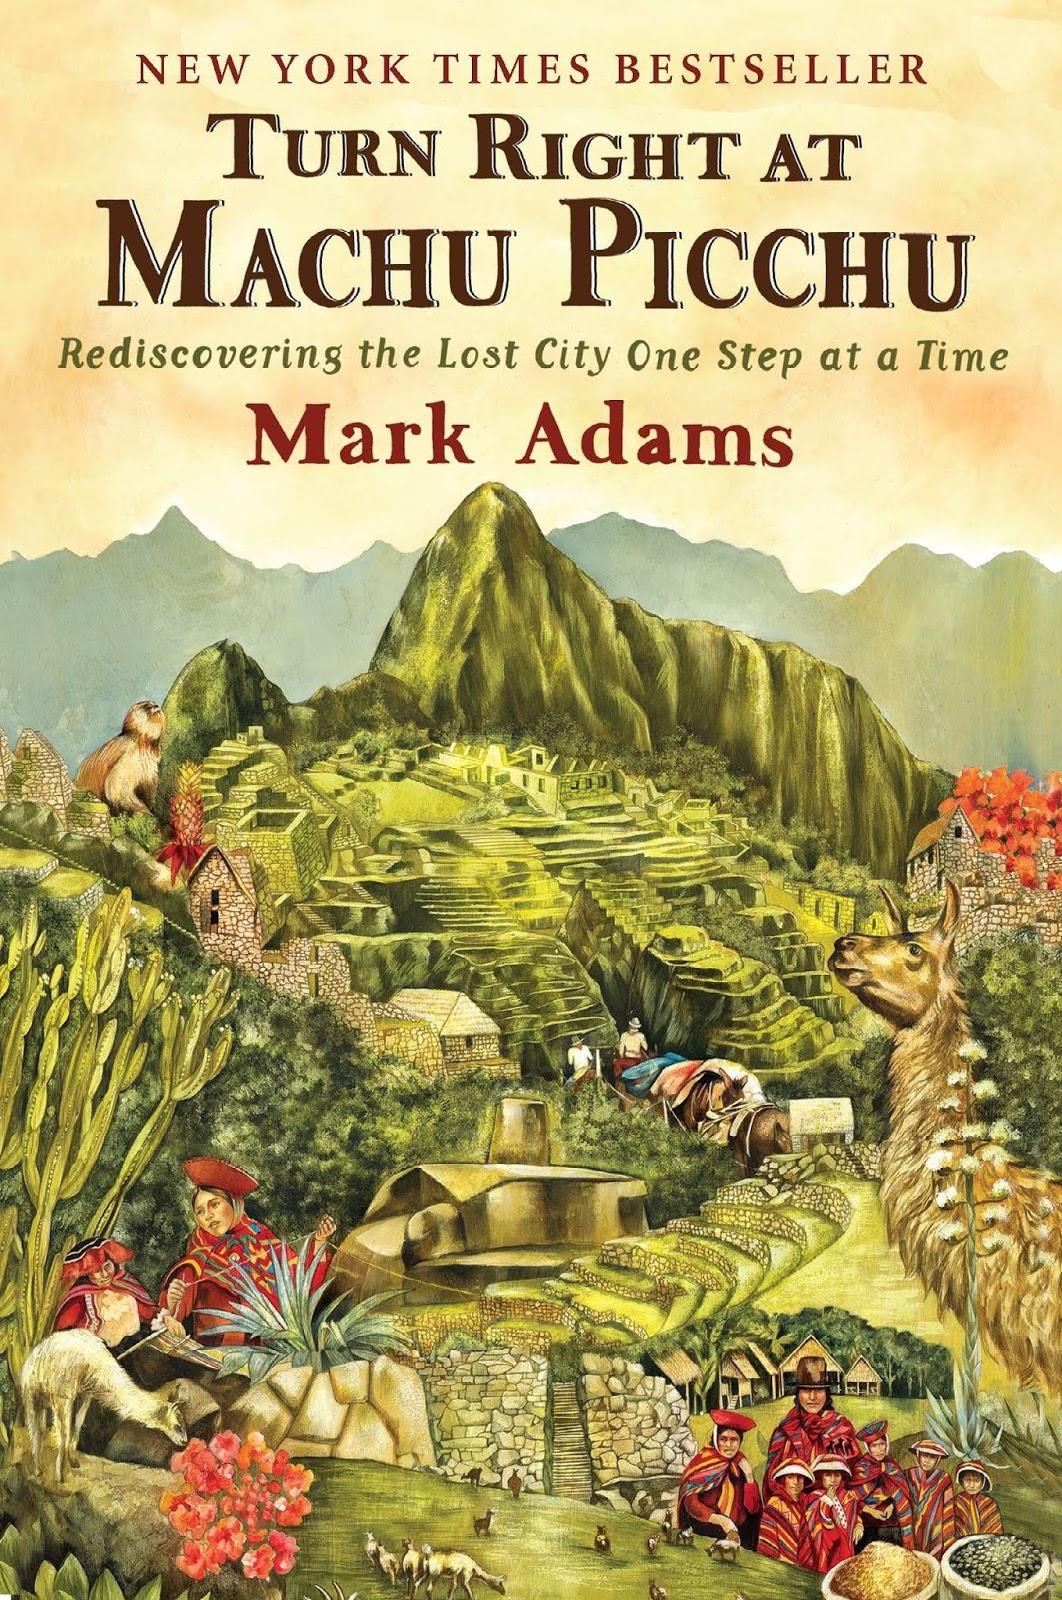 Turn Right at Machu Picchu, Mark Adams